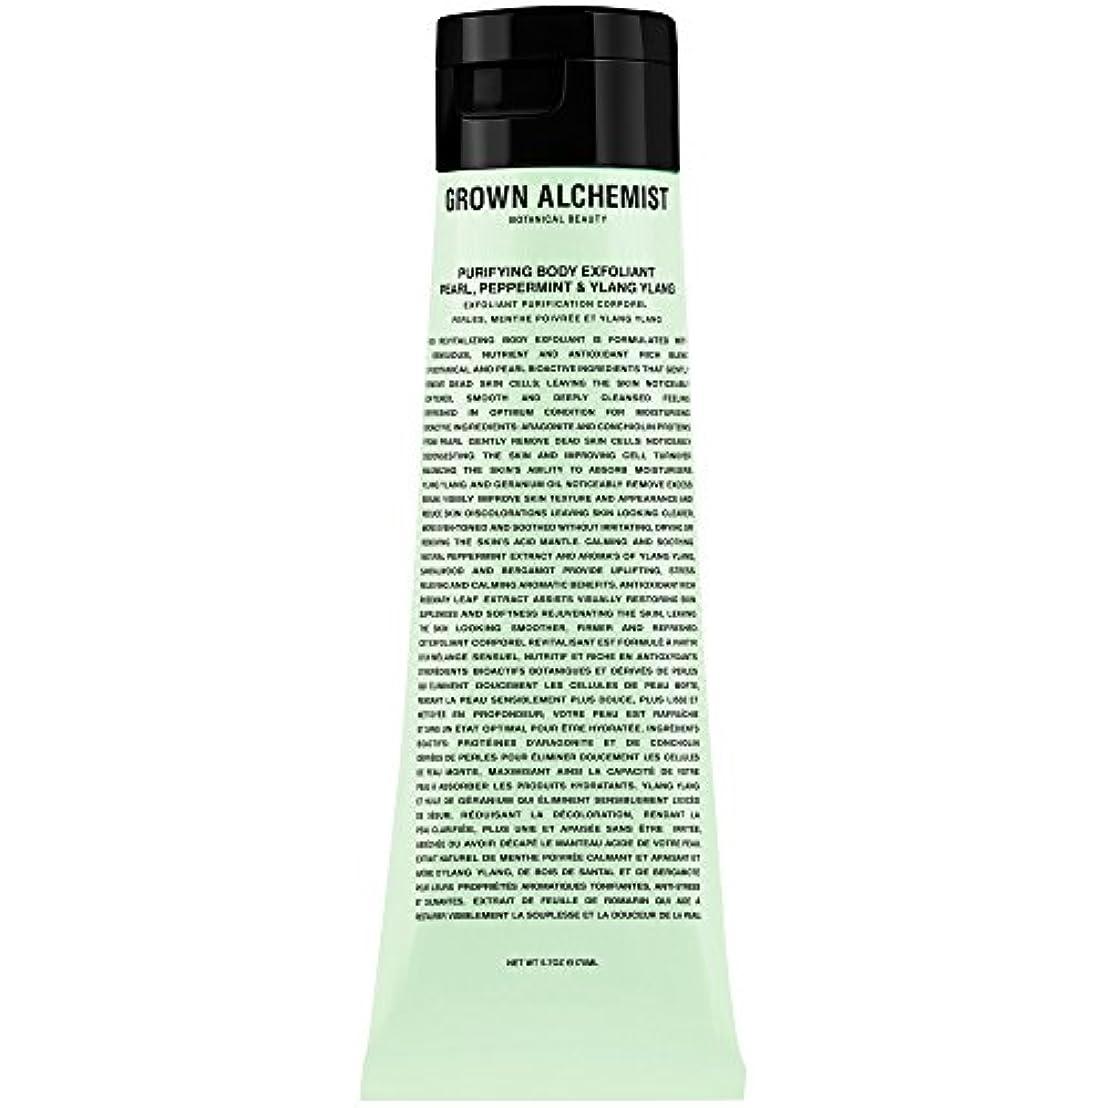 ポーター起業家ヒューズ成長した錬金術師浄化体剥脱真珠ペパーミント&イランイラン170ミリリットル (Grown Alchemist) (x2) - Grown Alchemist Purifying Body Exfoliant Pearl...